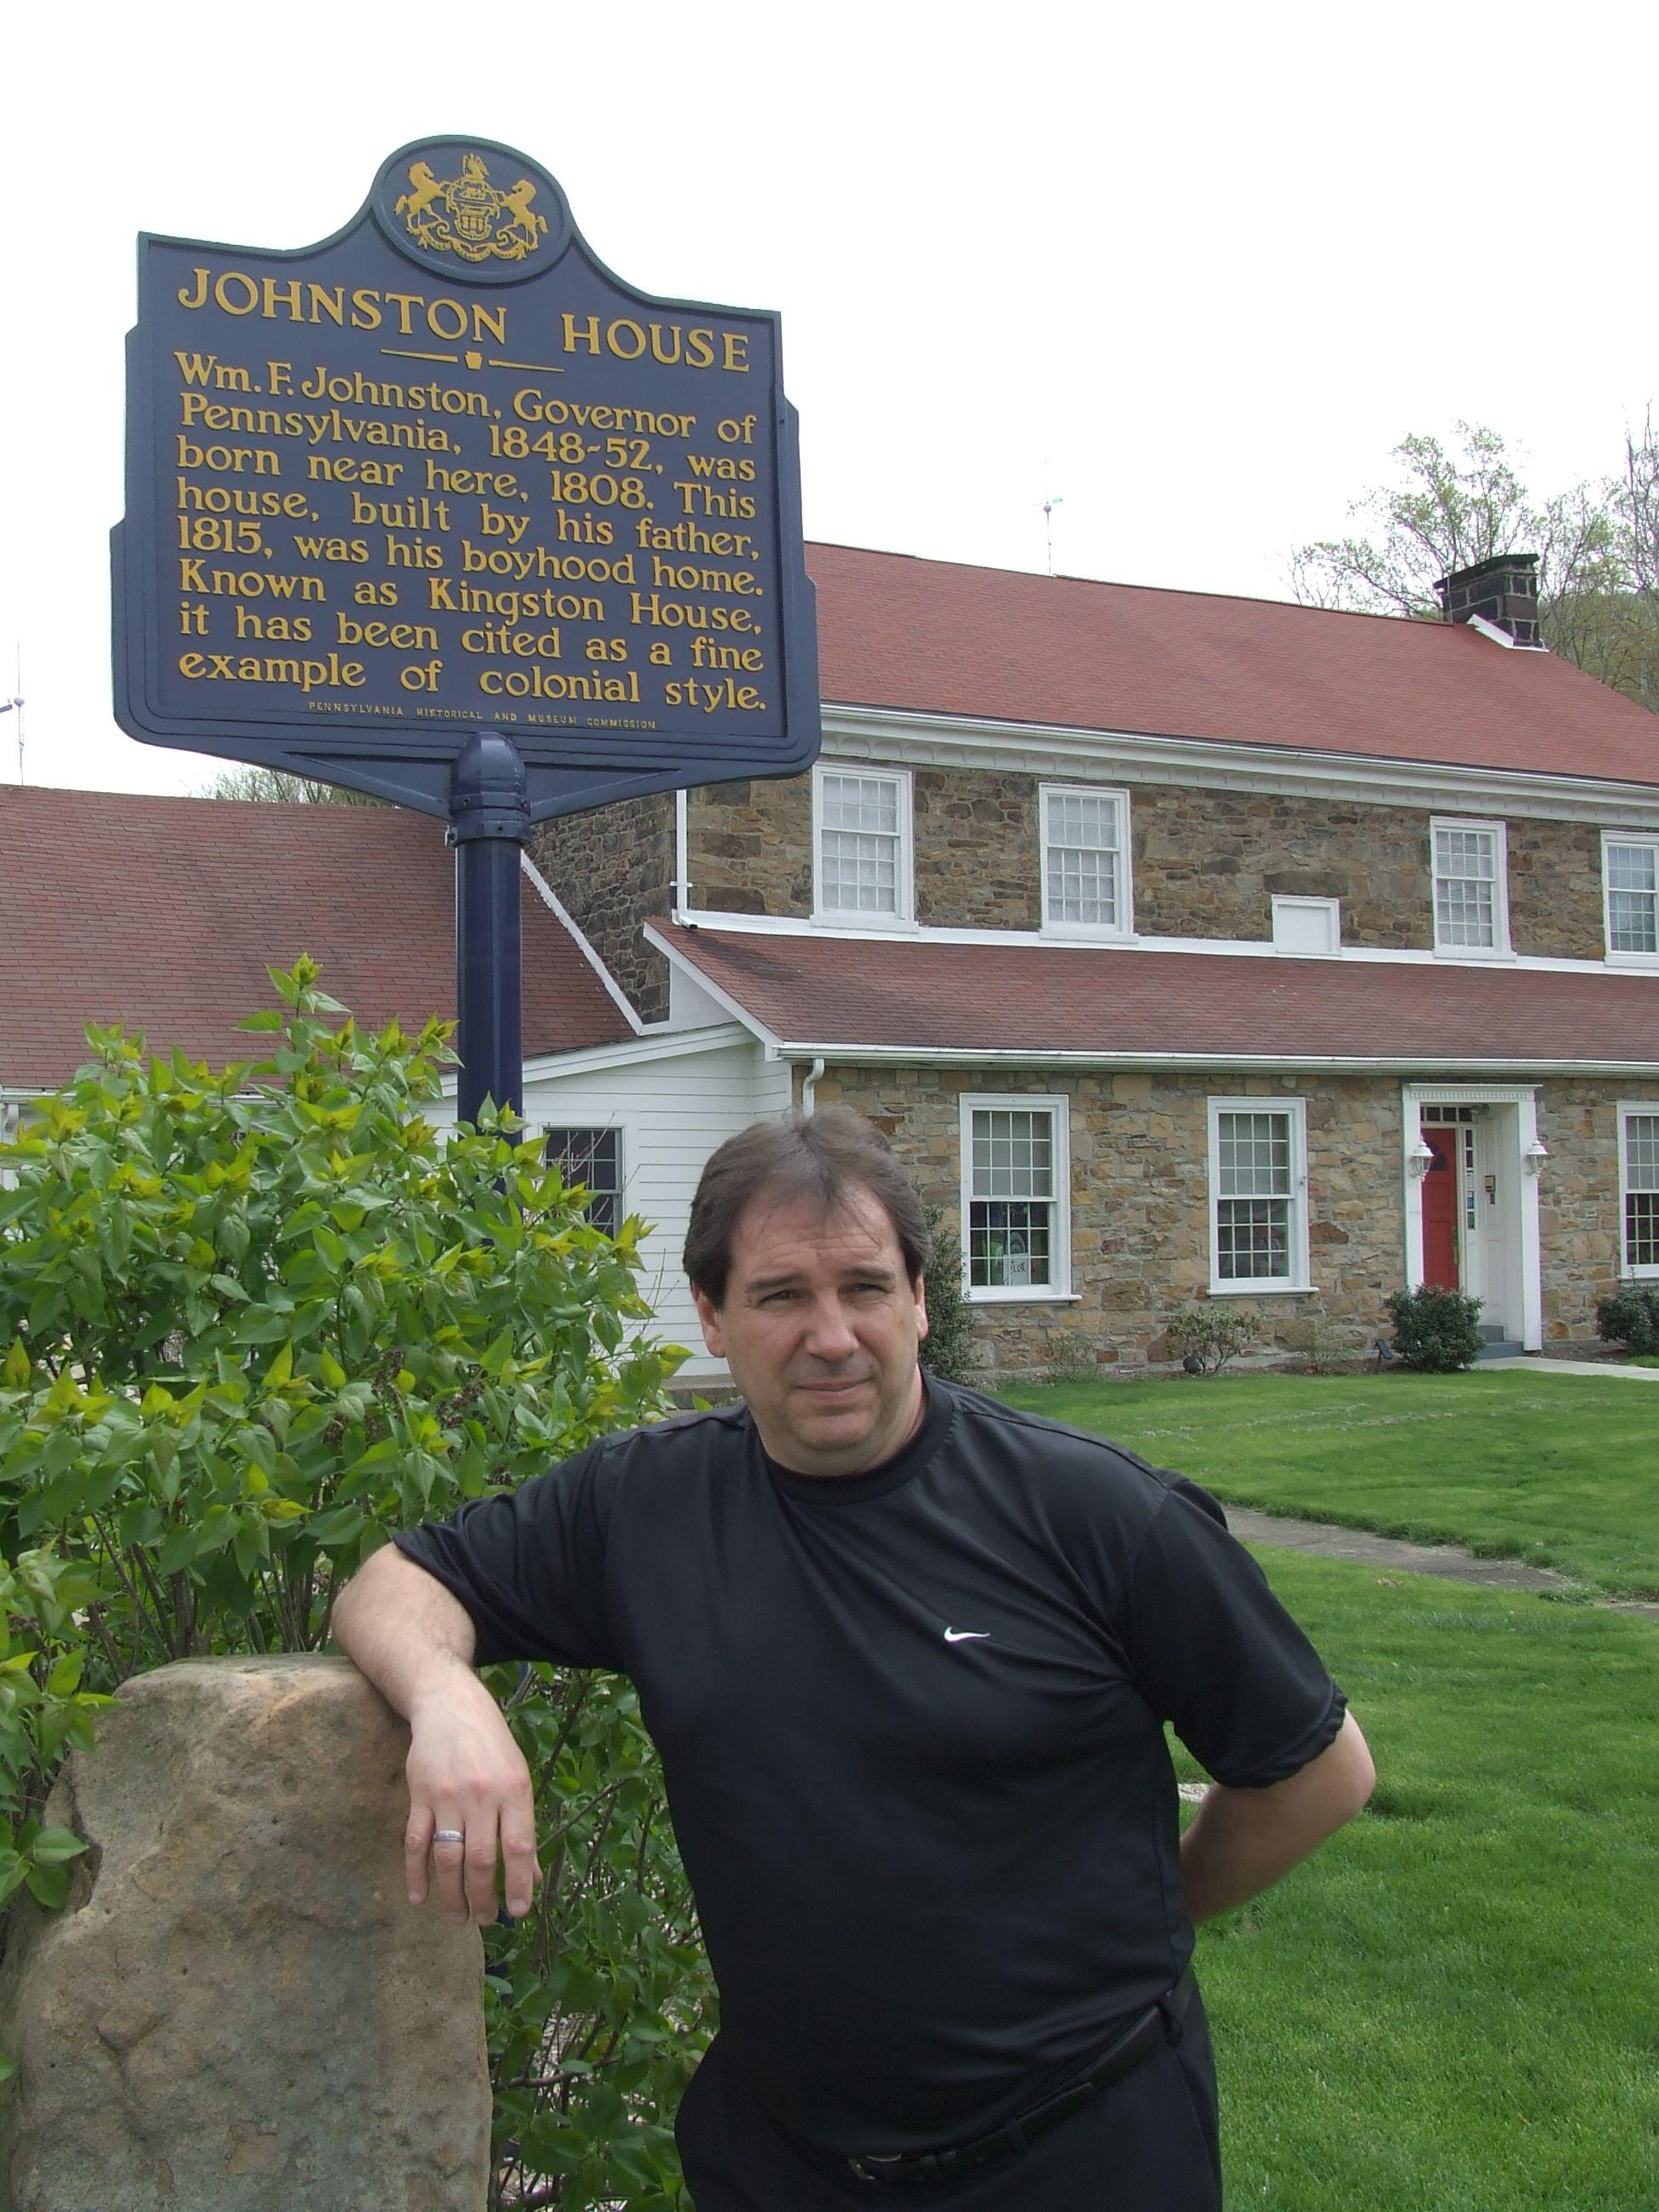 Johnston House Rt 30 Latrobe Pa Kingston House Latrobe Colonial Style